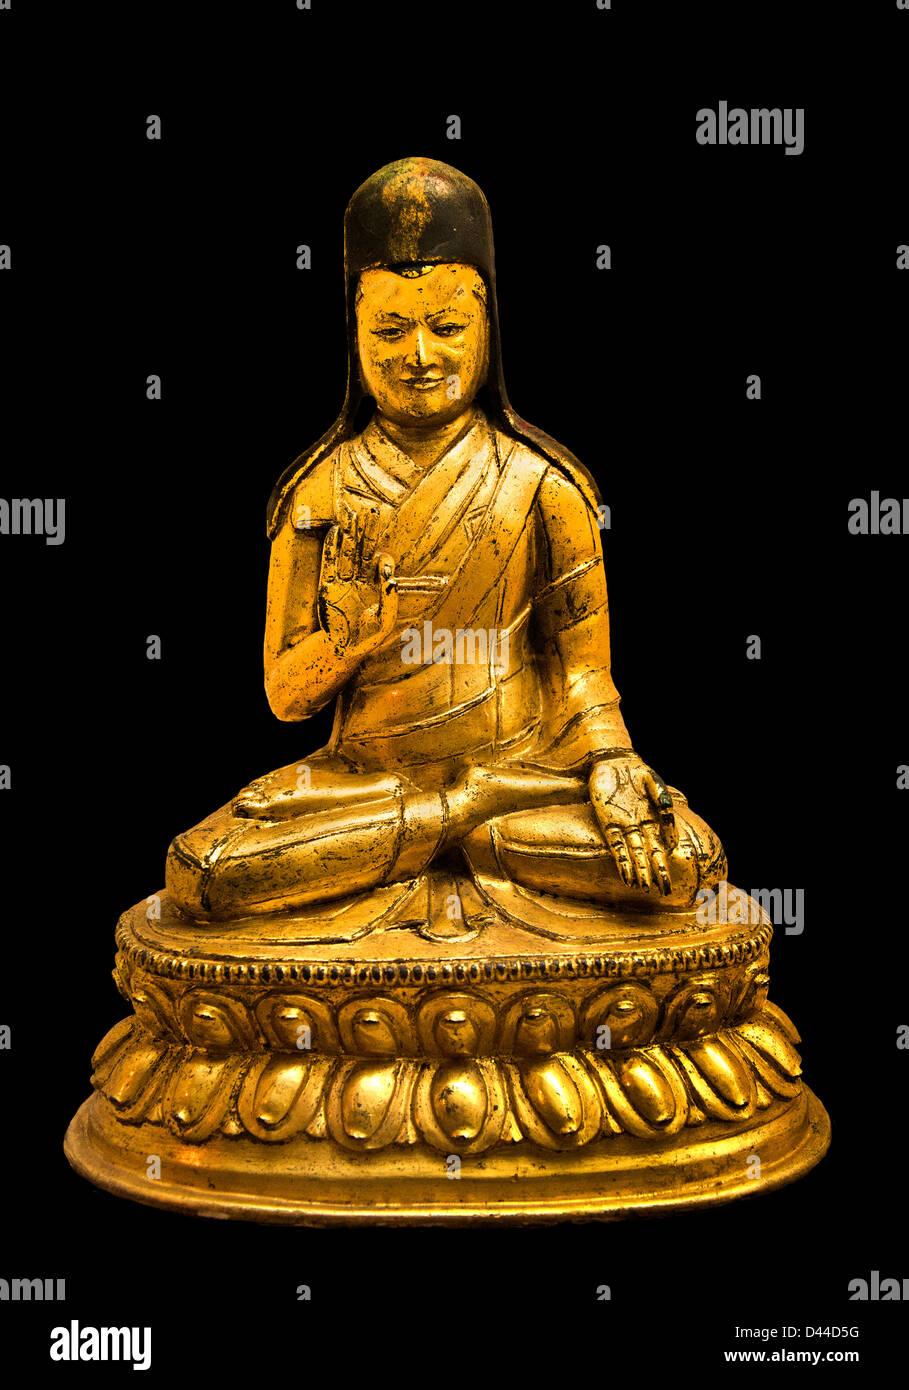 Lama of the Sakyapa order Tibet Tibetan 17th century Buddhism - Stock Image